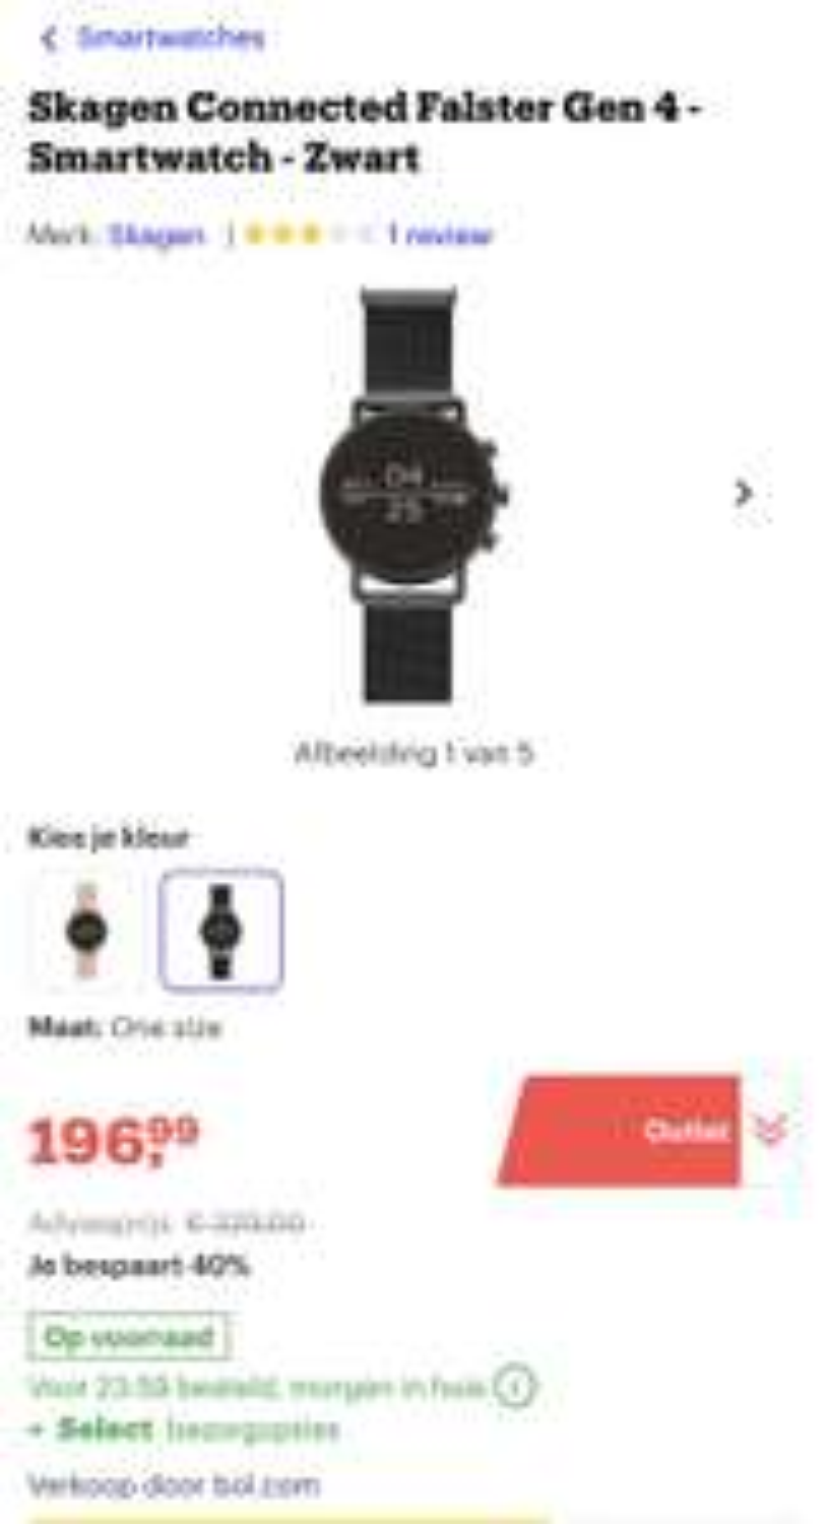 200€ ipv 300€ Skagen Connected Falster Gen 4 - Smartwatch - Zwart - bol.com outlet